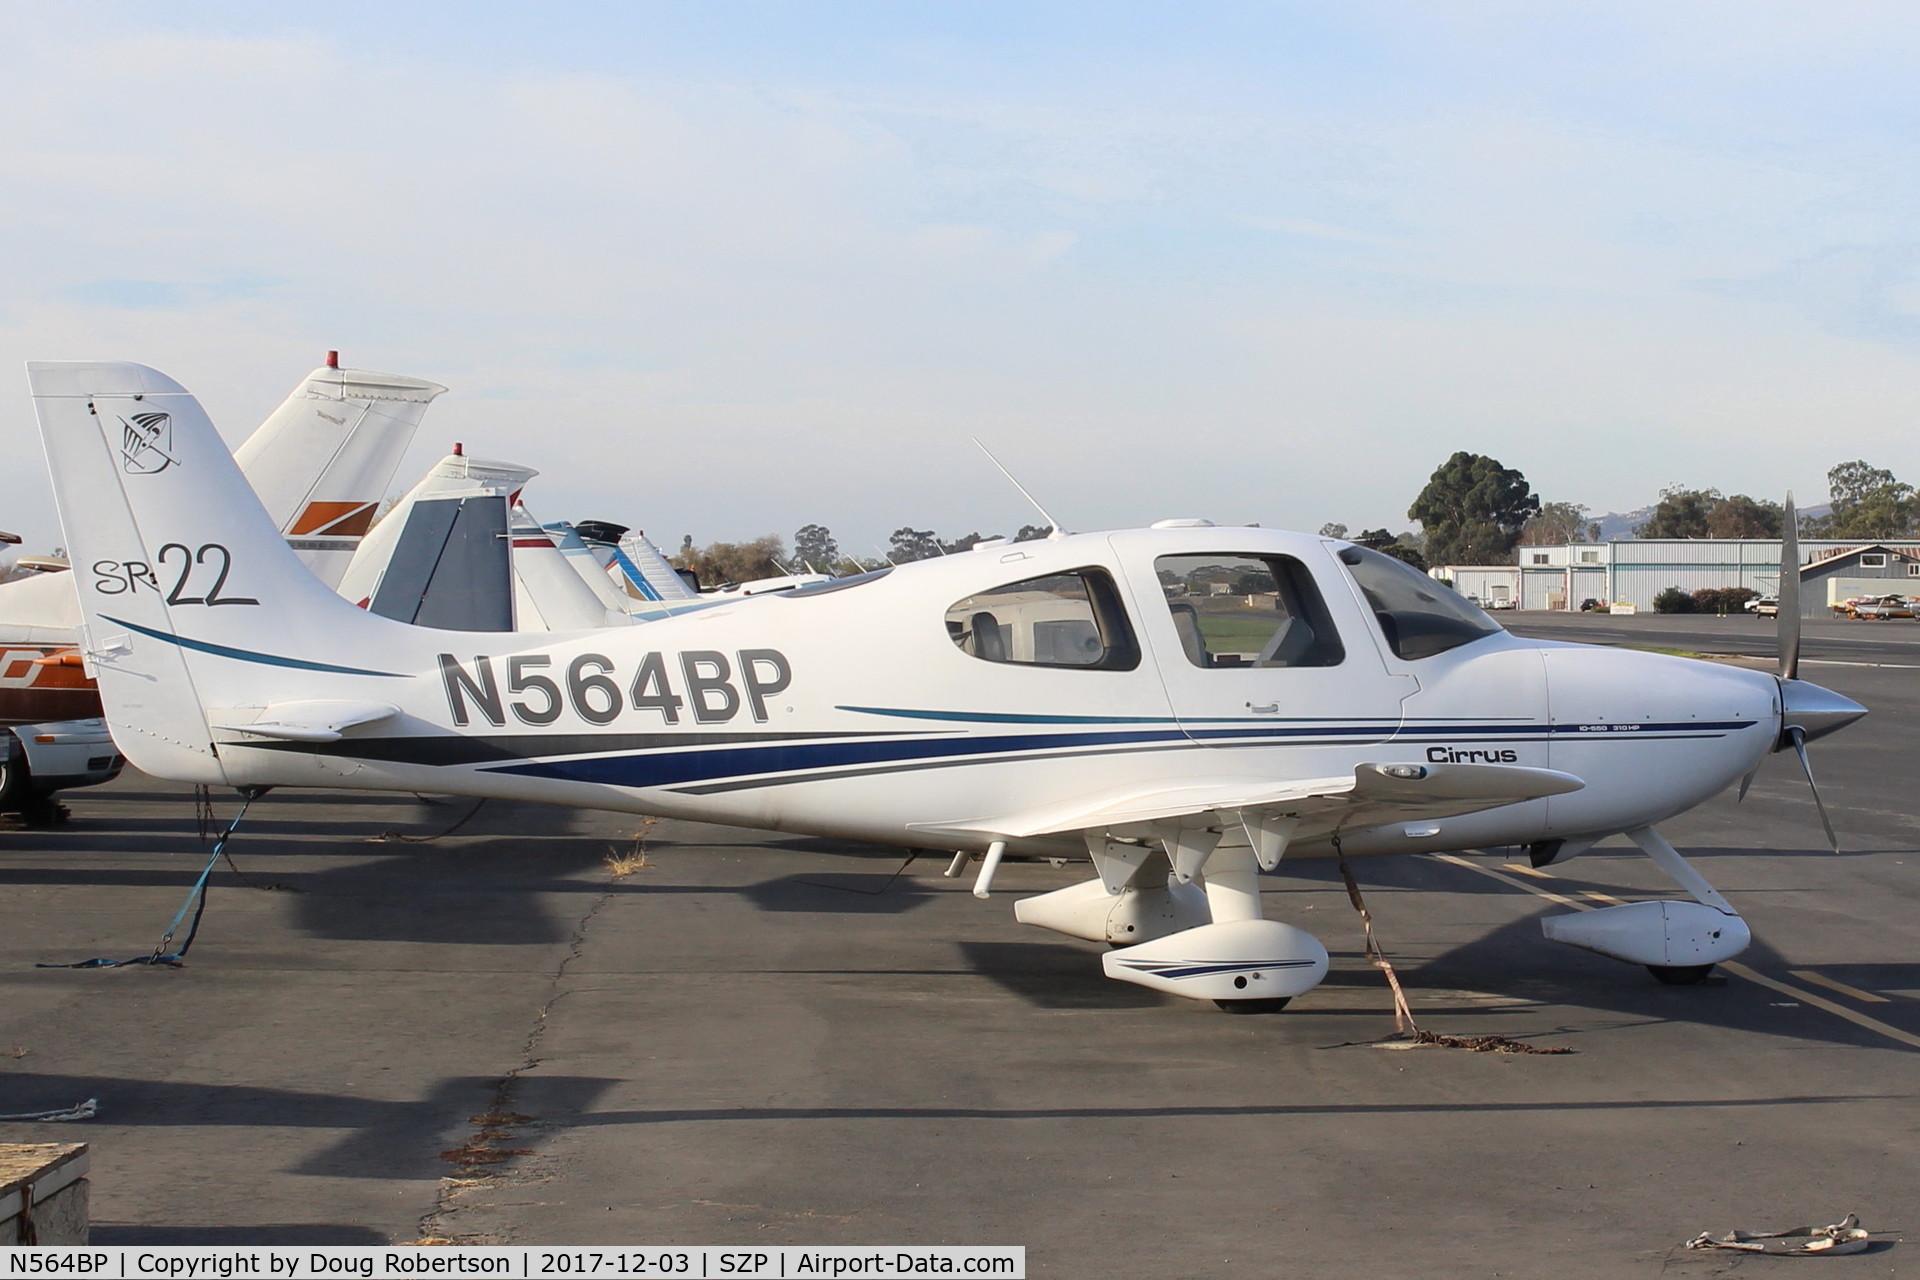 N564BP, 2001 Cirrus SR22 C/N 0135, 2001 CIRRUS SR-22, Continental IO-550 310 Hp